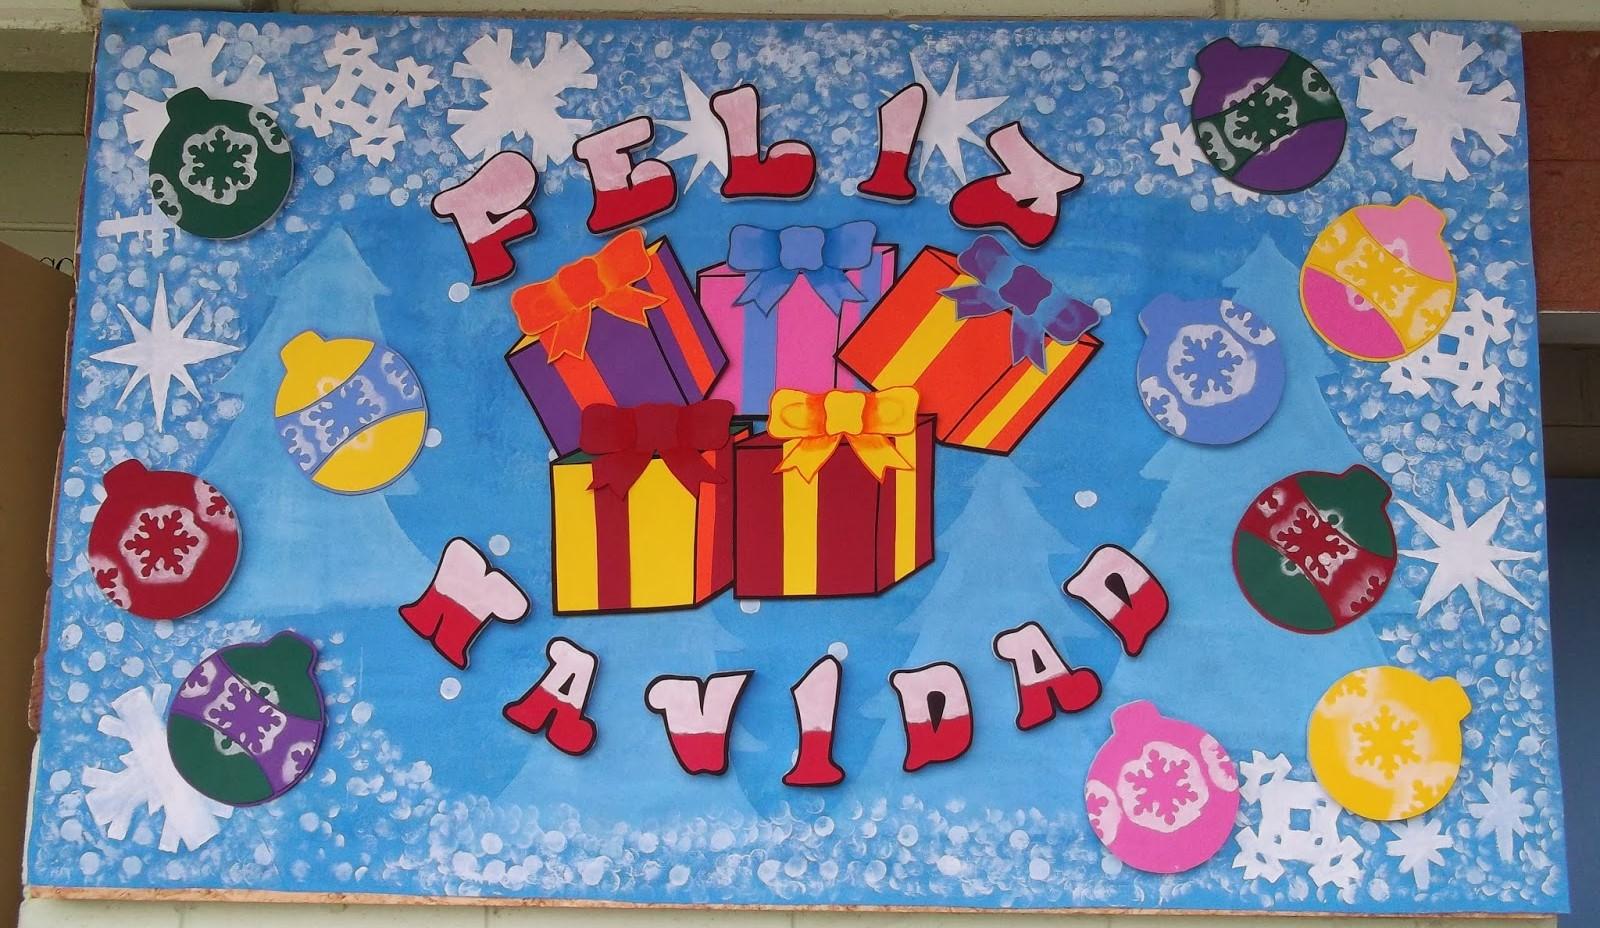 Periodico mural diciembre 5 imagenes educativas - Murales decorativos de navidad ...